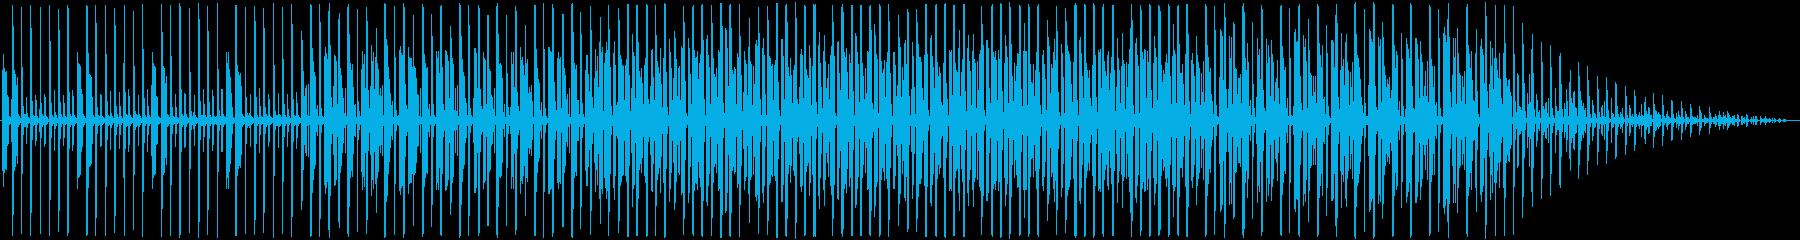 プログレッシブハウス。インディー。の再生済みの波形